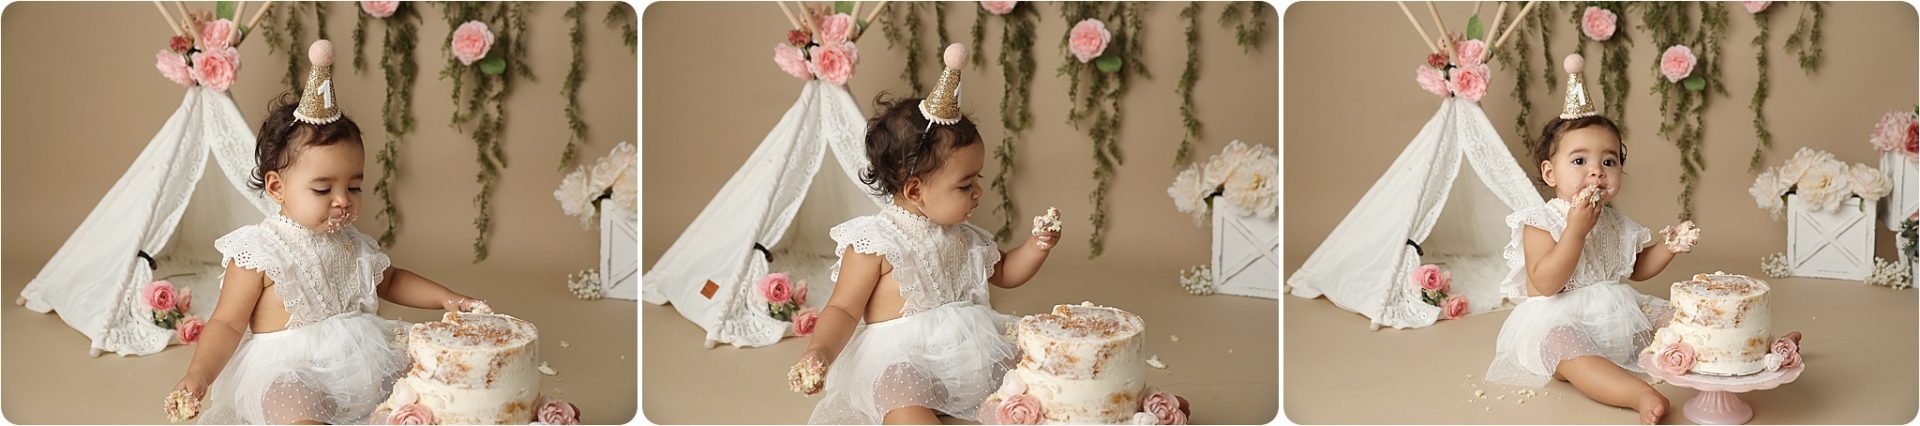 TUcson Newborn and Baby Photographer